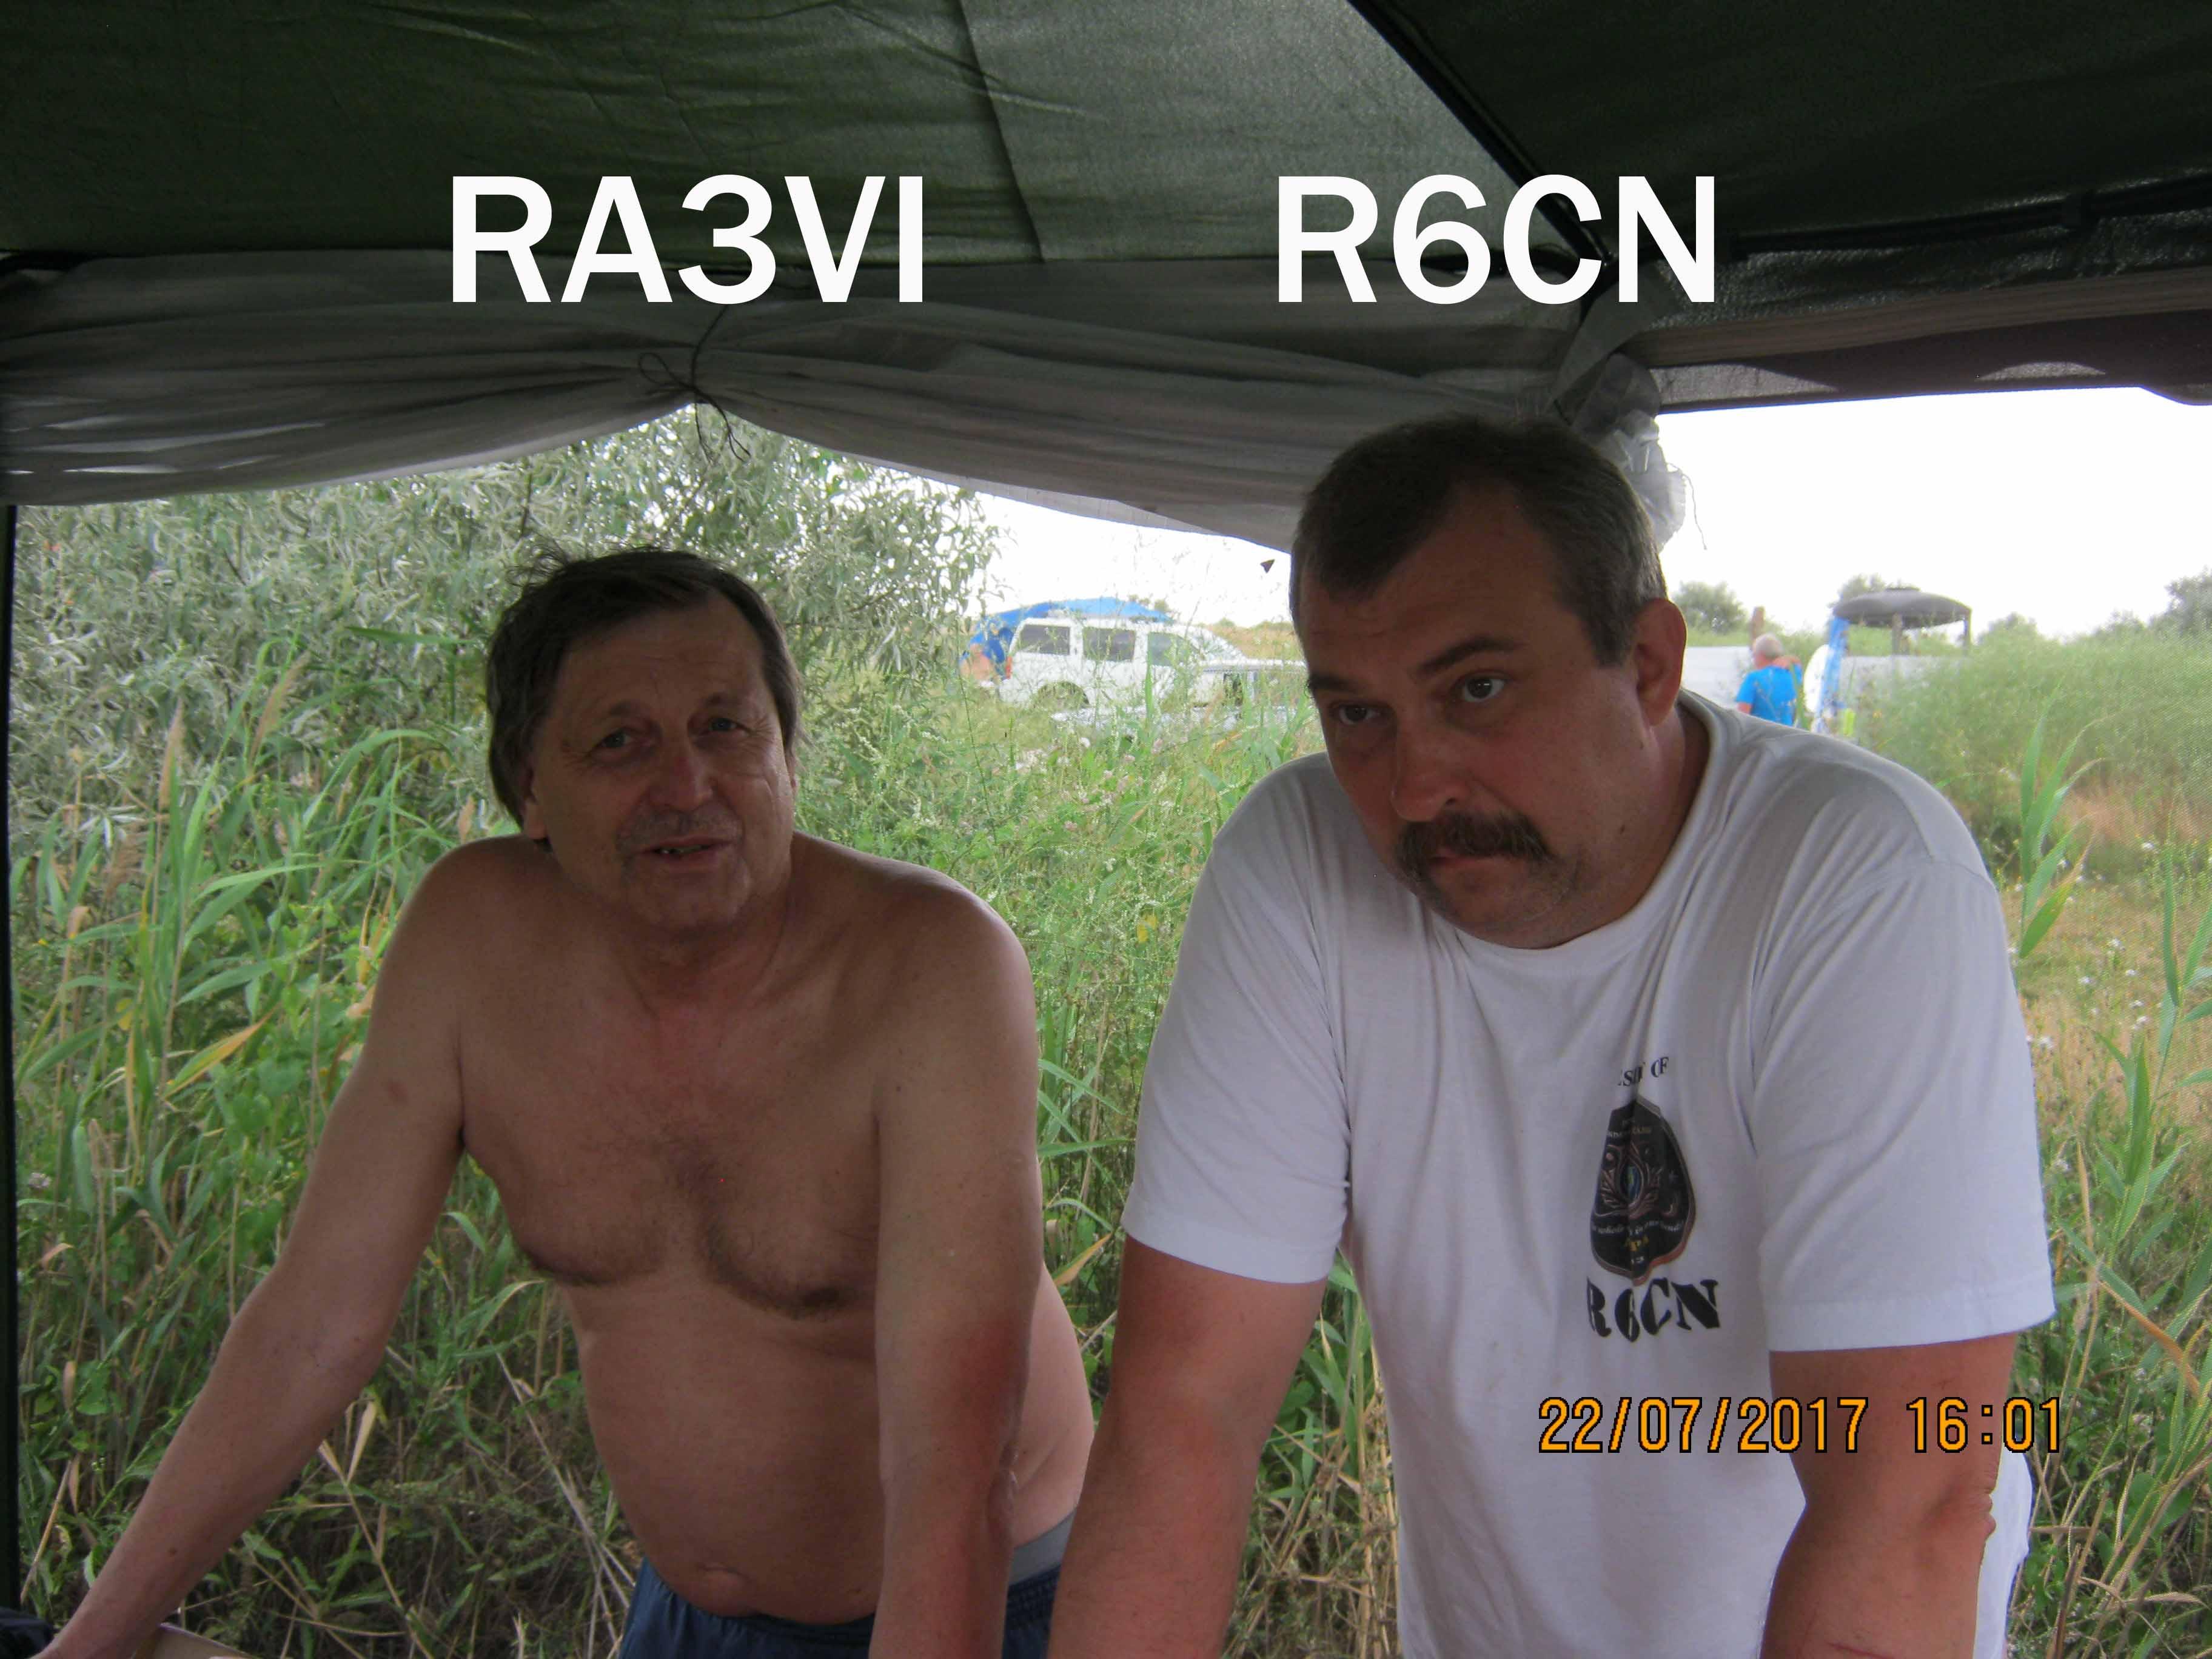 Нажмите на изображение для увеличения.  Название:RA3VI- R6CN.jpg Просмотров:3 Размер:435.1 Кб ID:193019